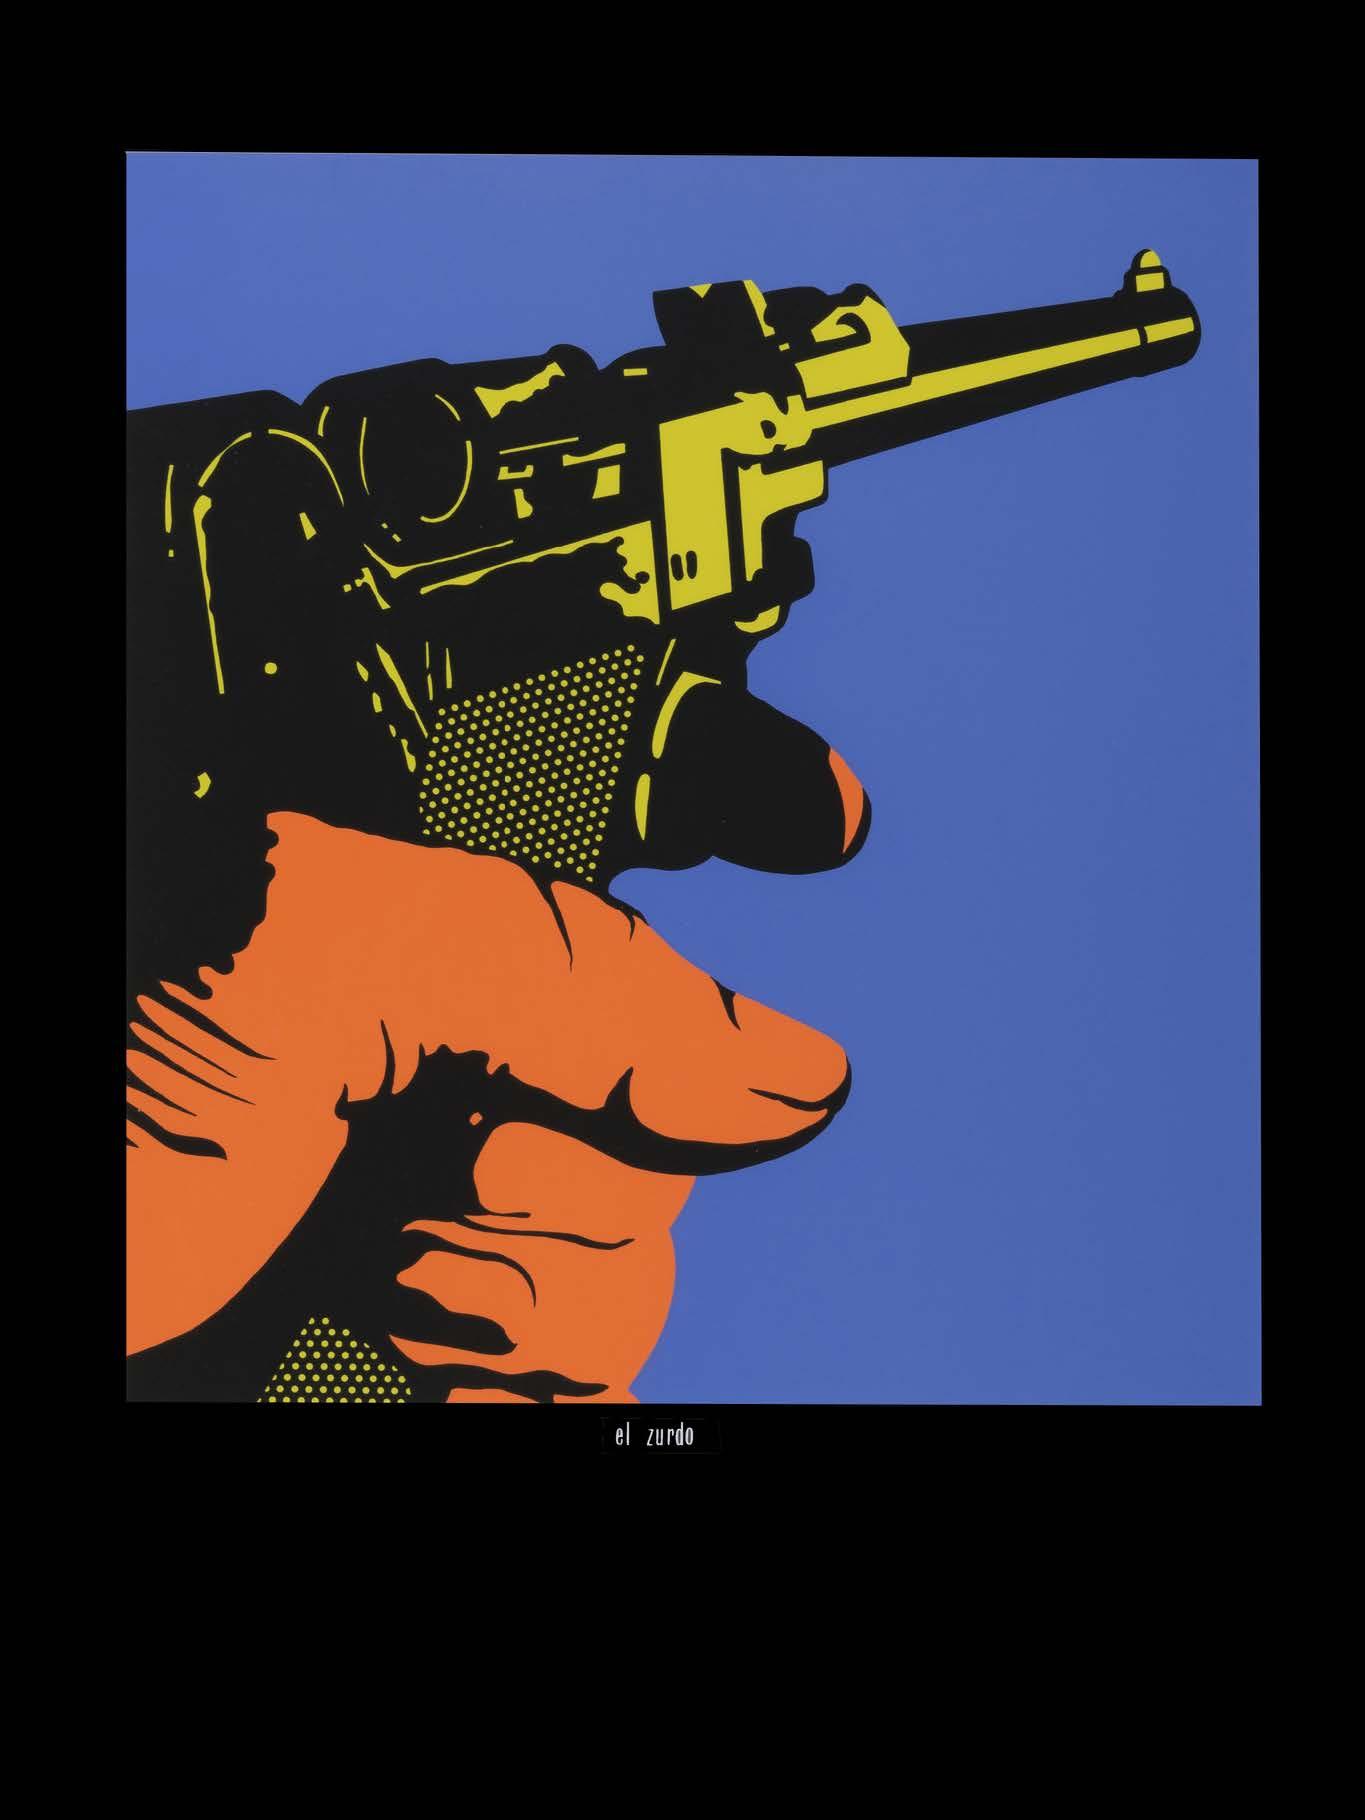 El Zurdo (1967) - Equipo Realidad